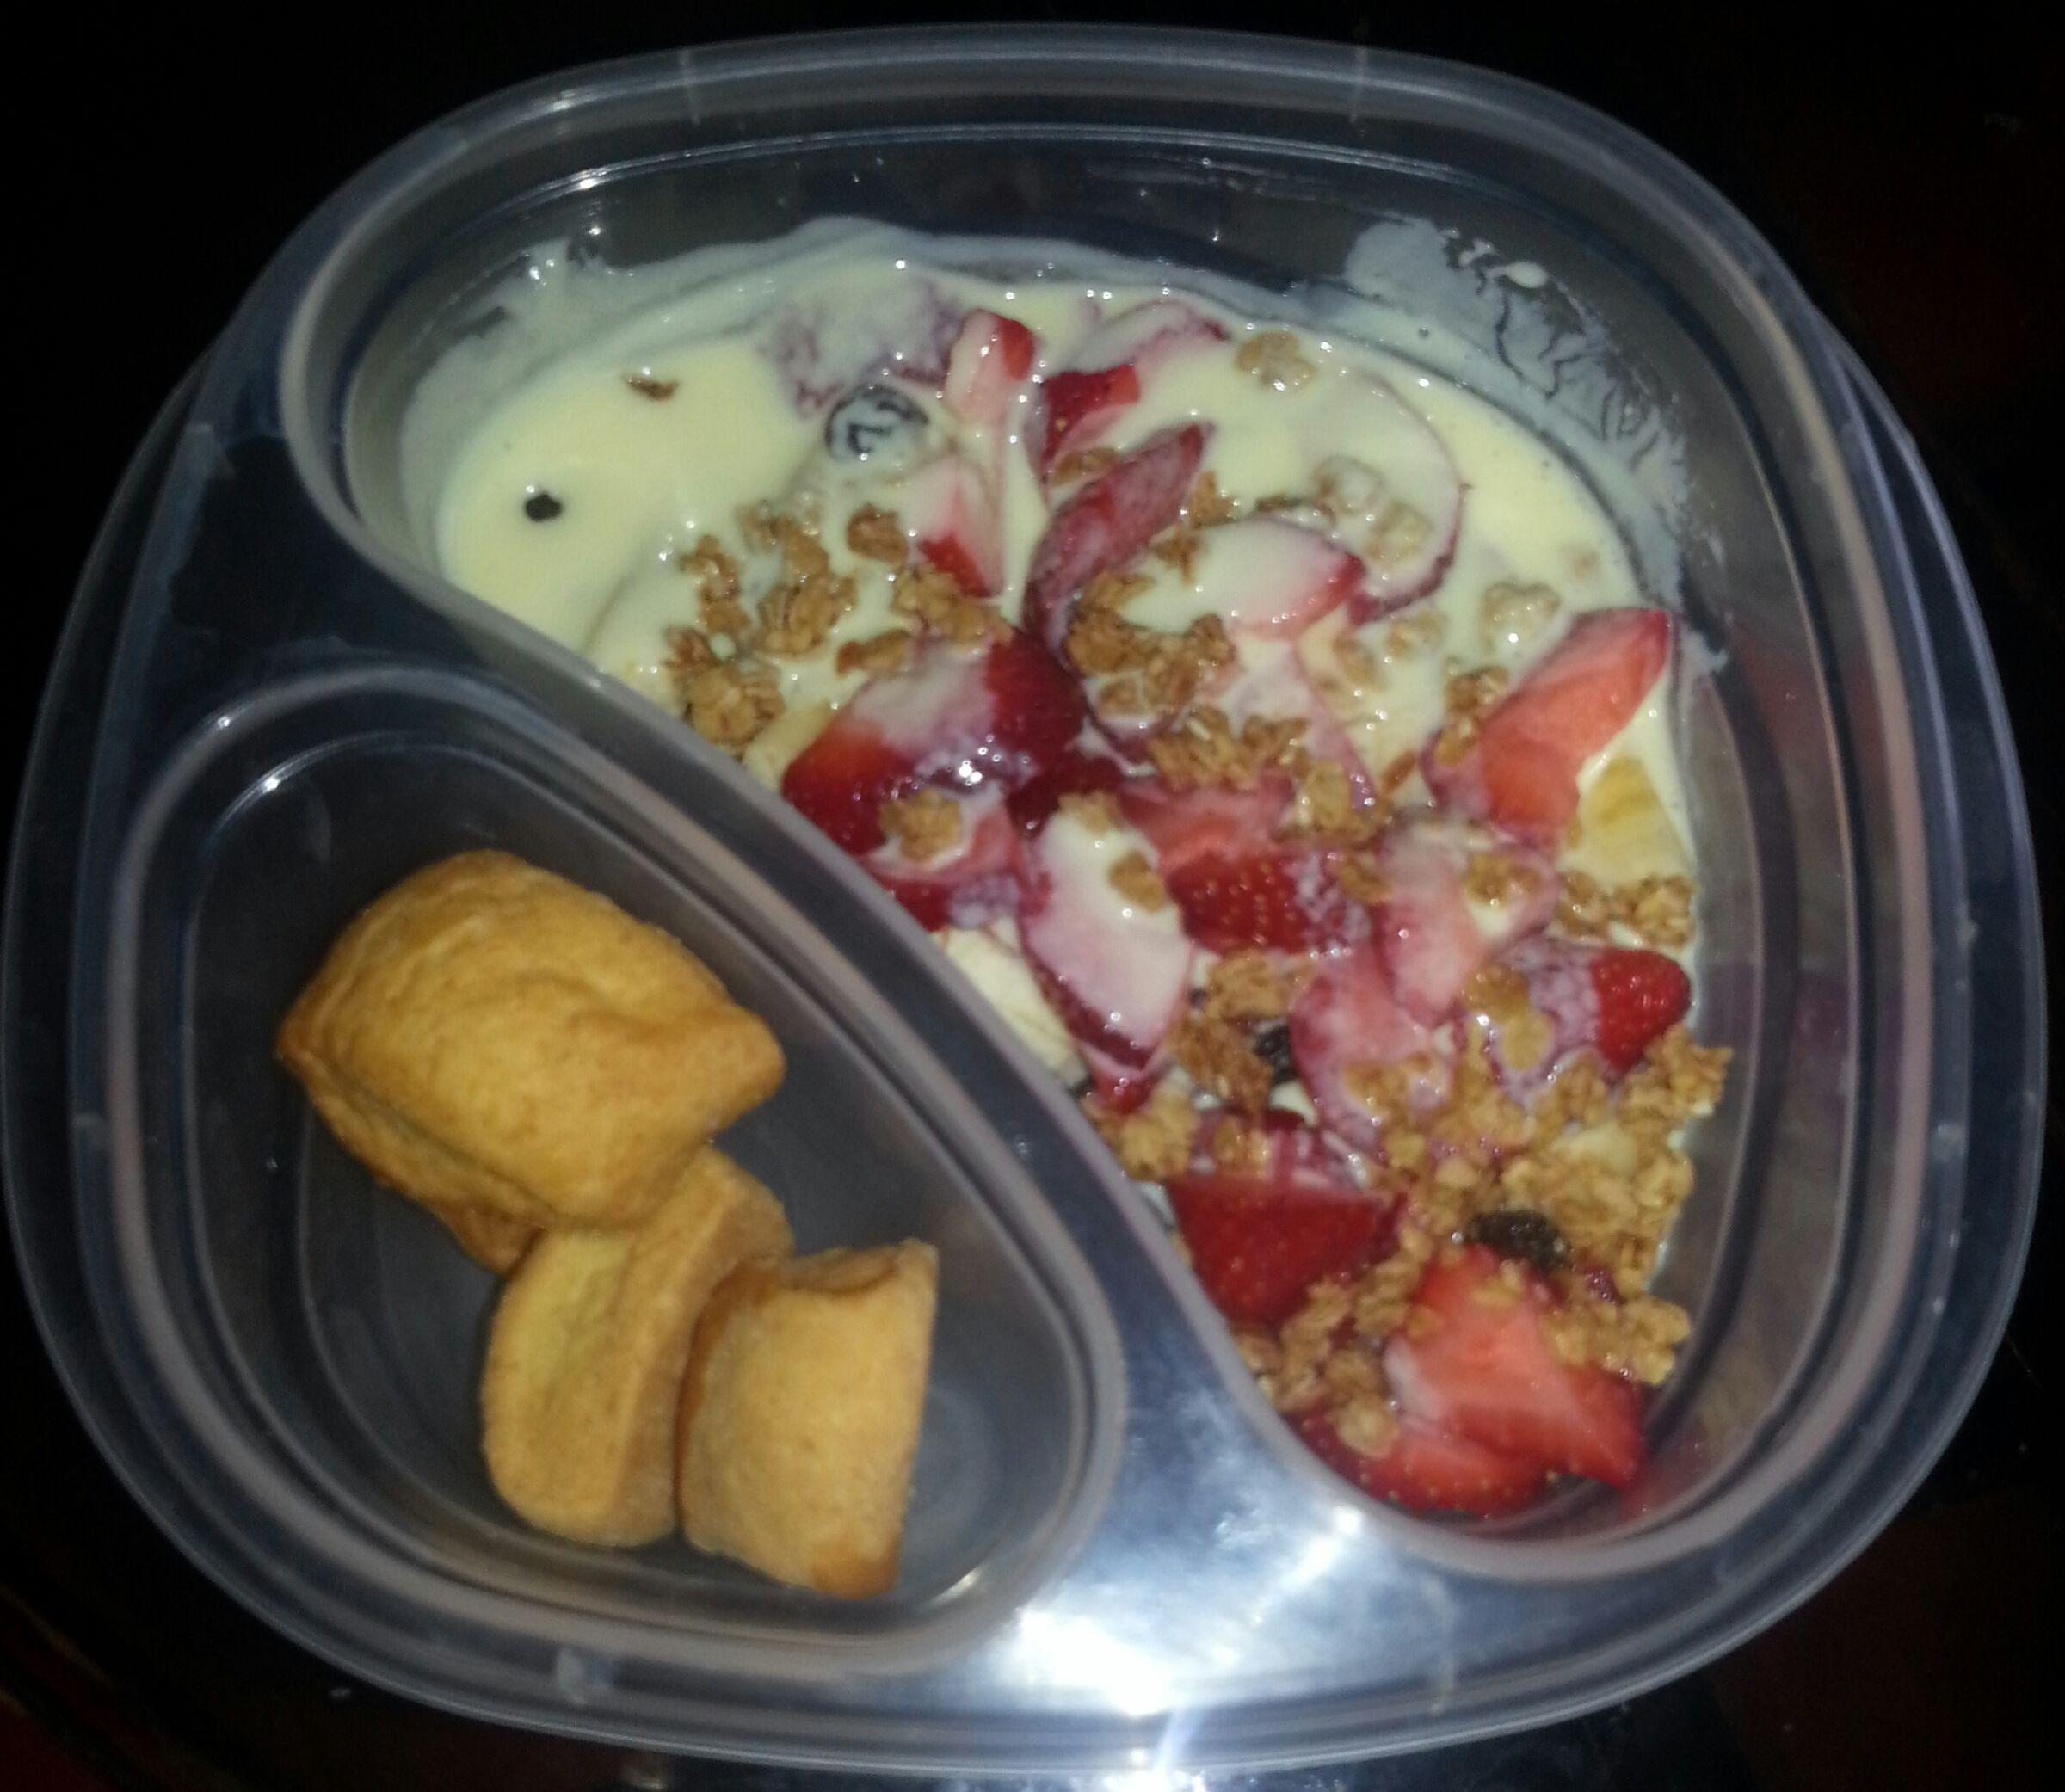 Un poco de yogurt, granola y fruta picada..acompañados de bizcochitos! refrigerio completo. Siguenos La Hora del Lunch EC en facebook